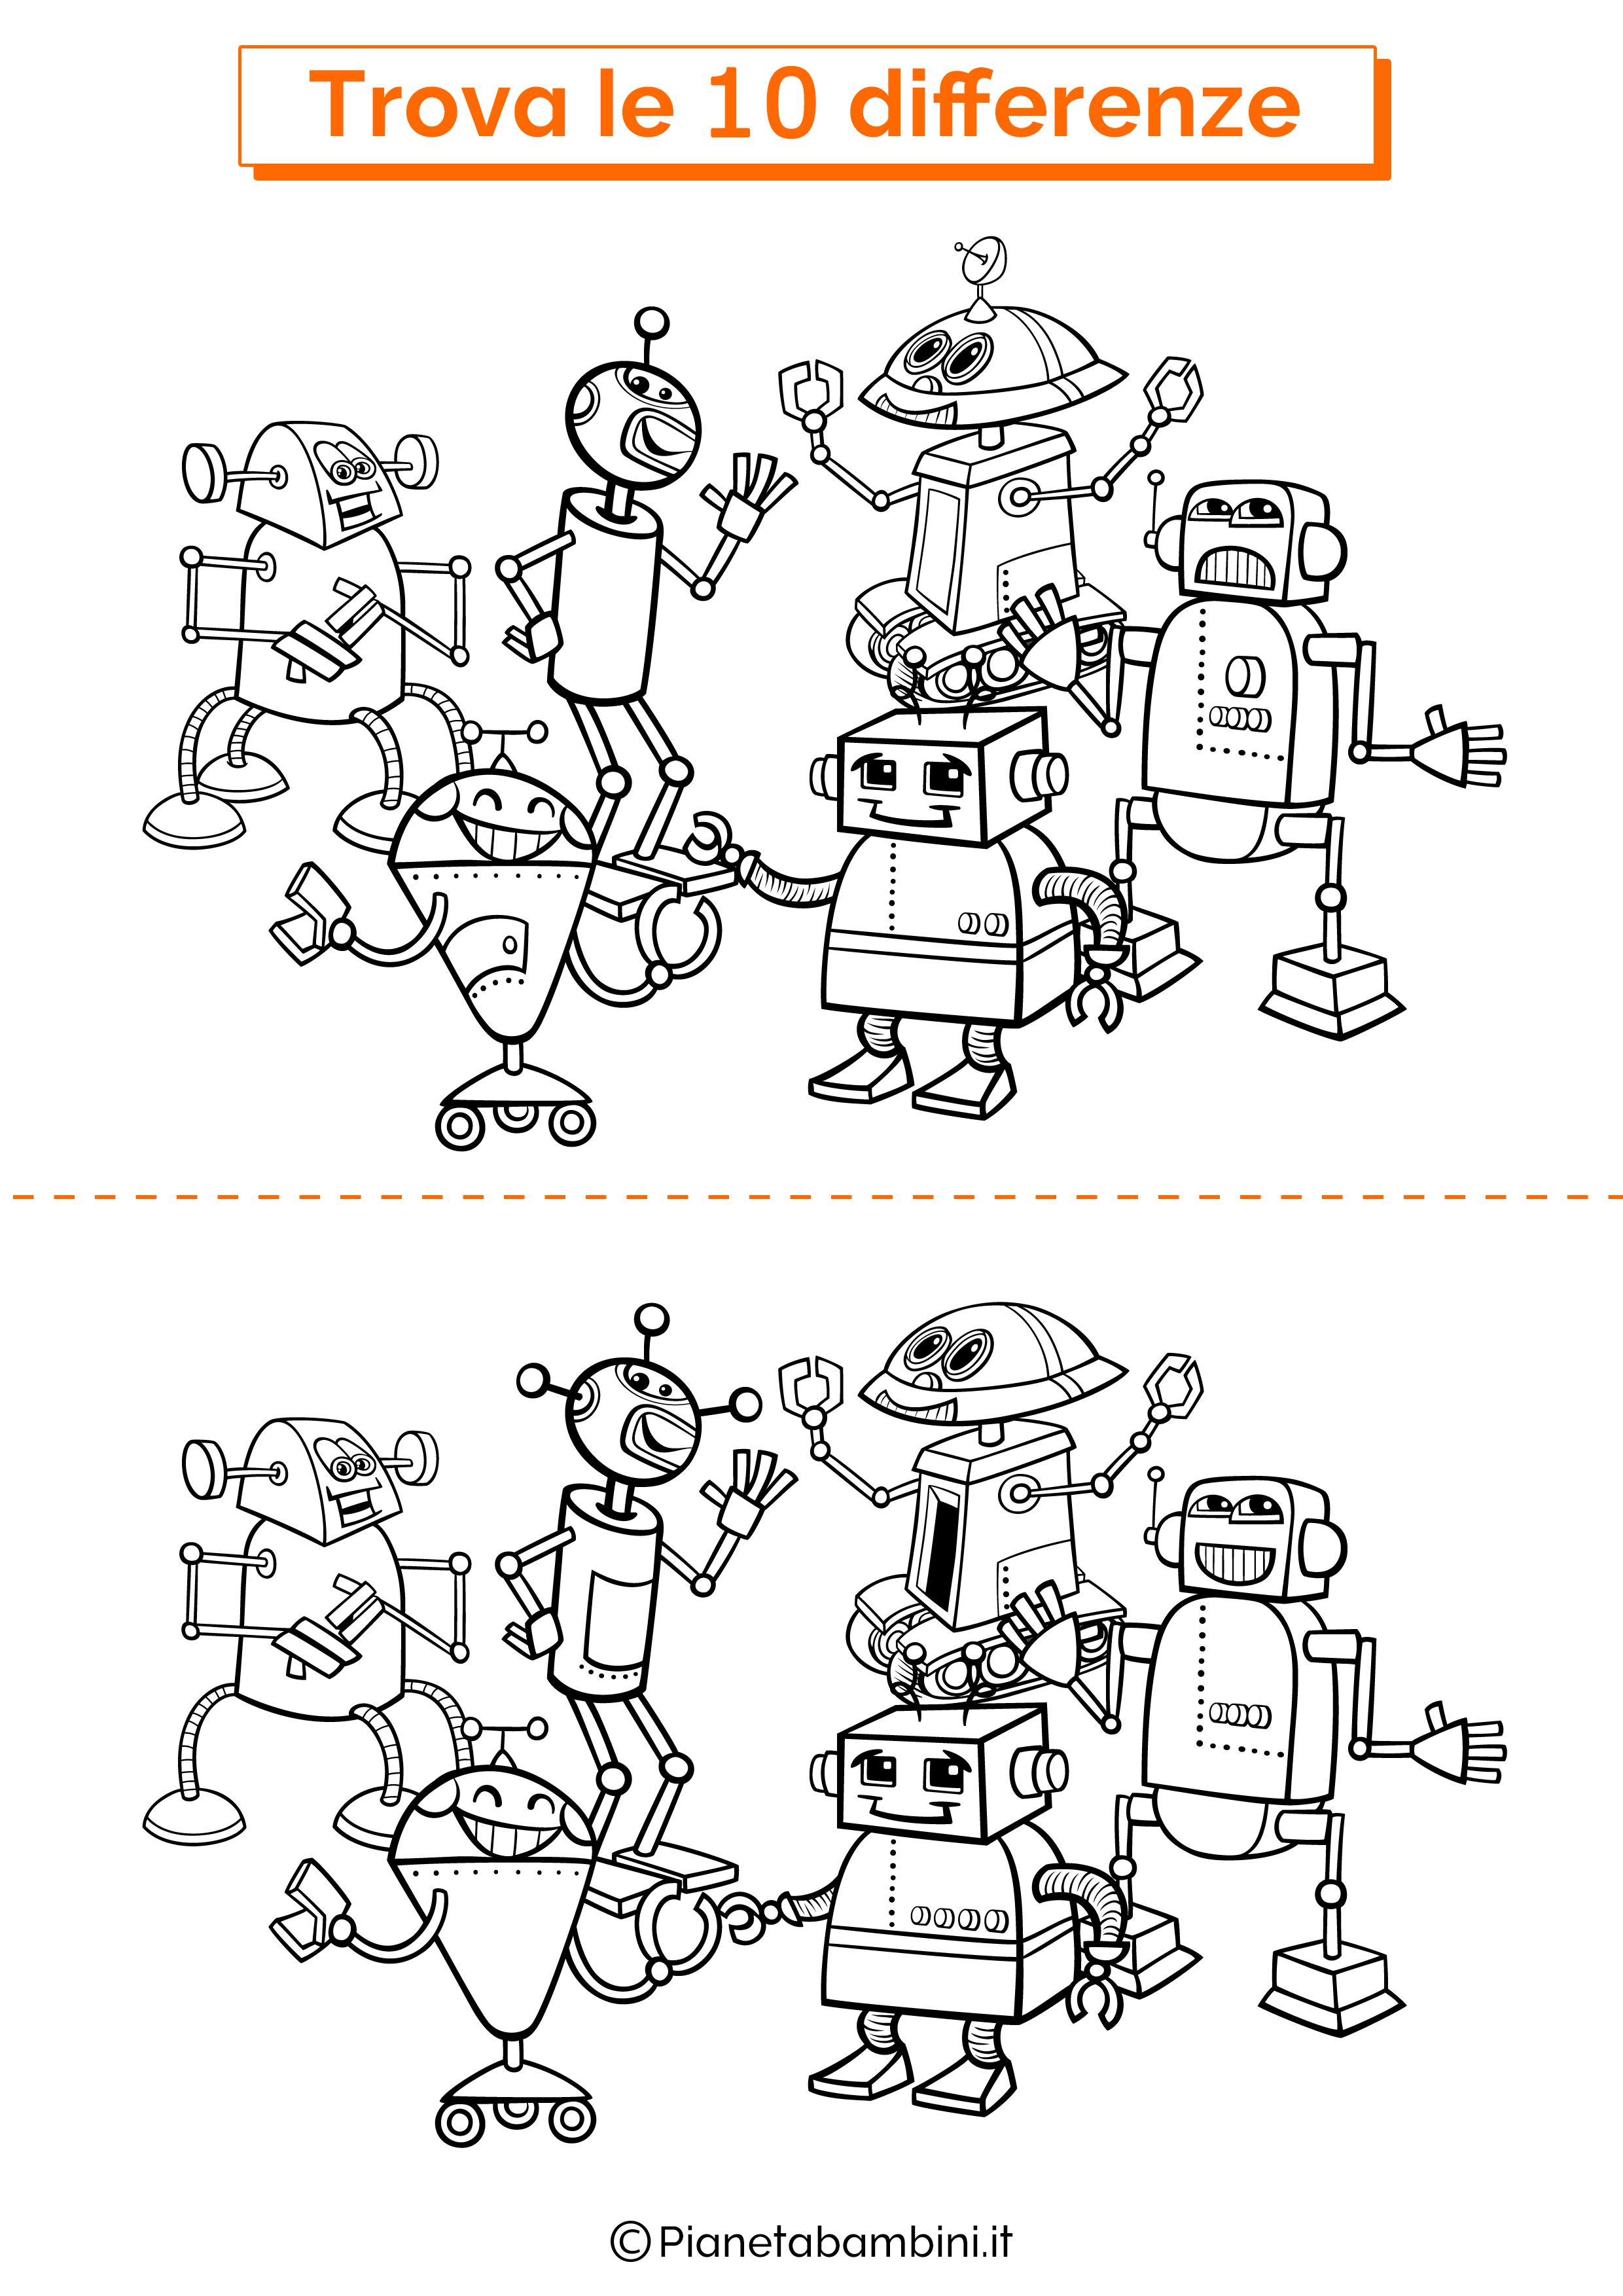 Disegno trova 10 differenze robot 1